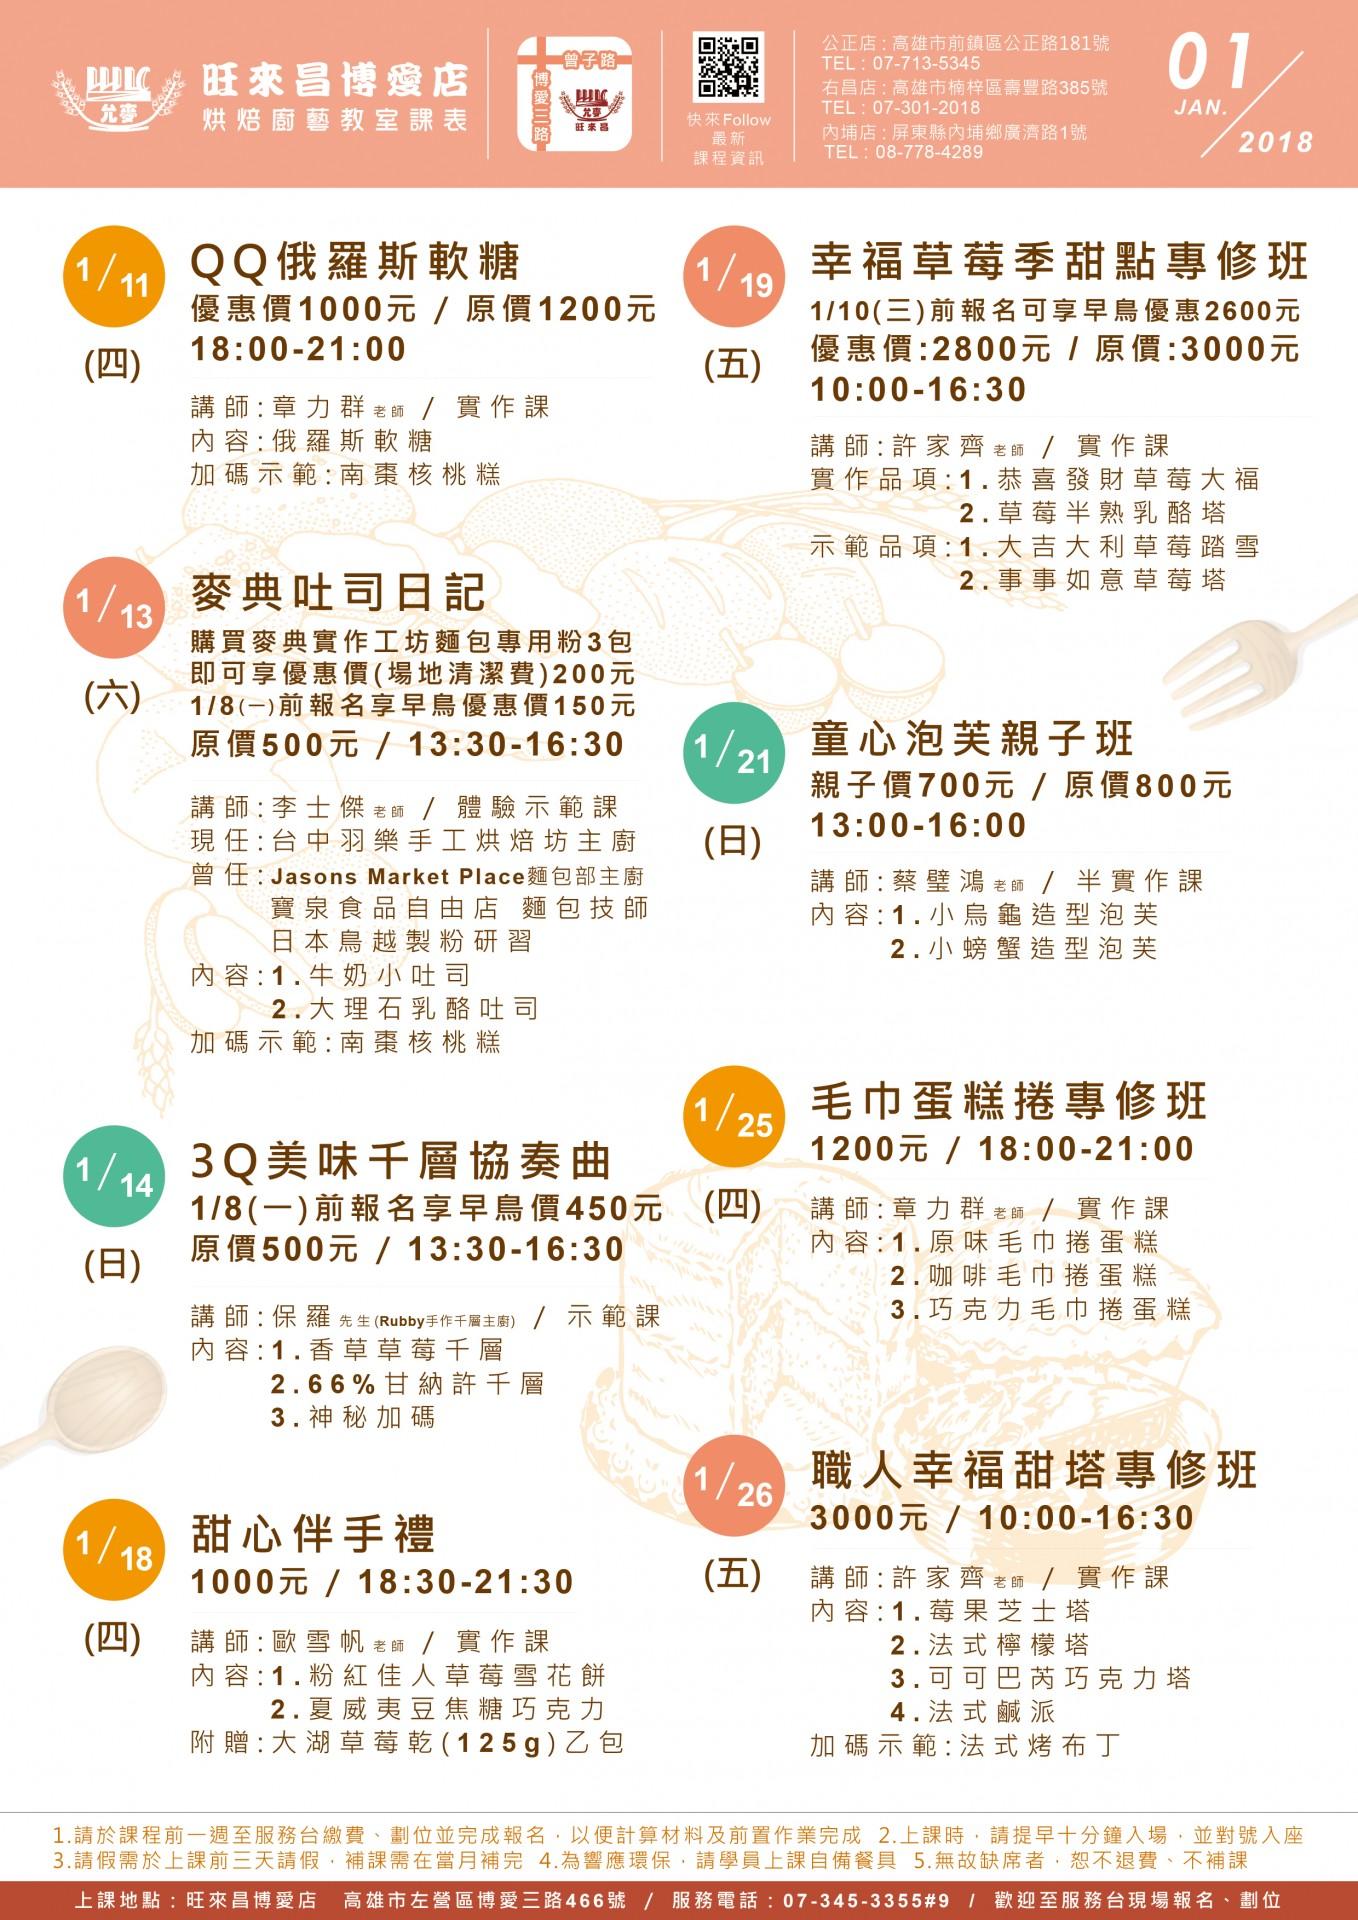 2018年1月博愛店課表